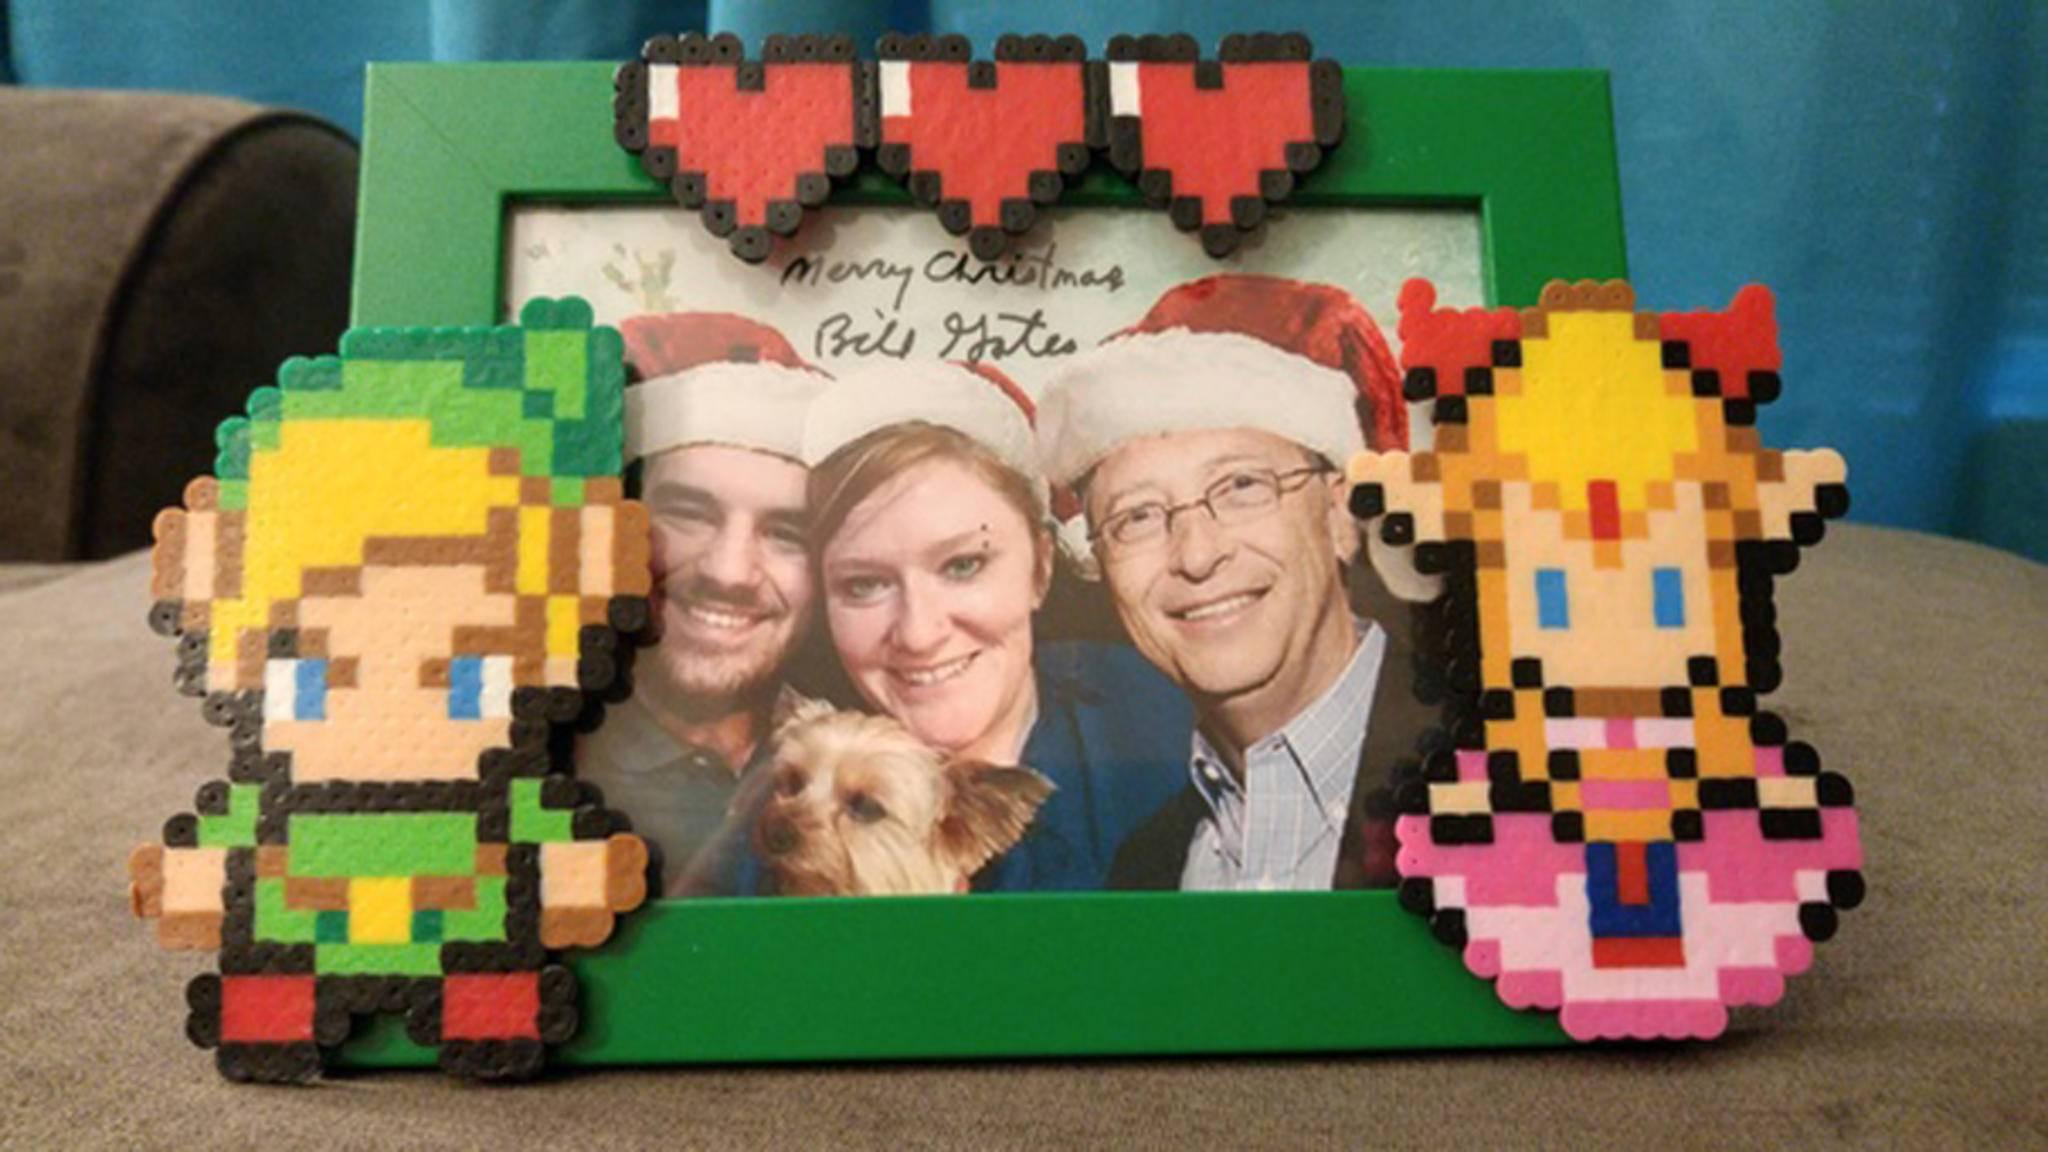 Bill Gates schenkte Aerrix wunderbar persönliche Geschenke.